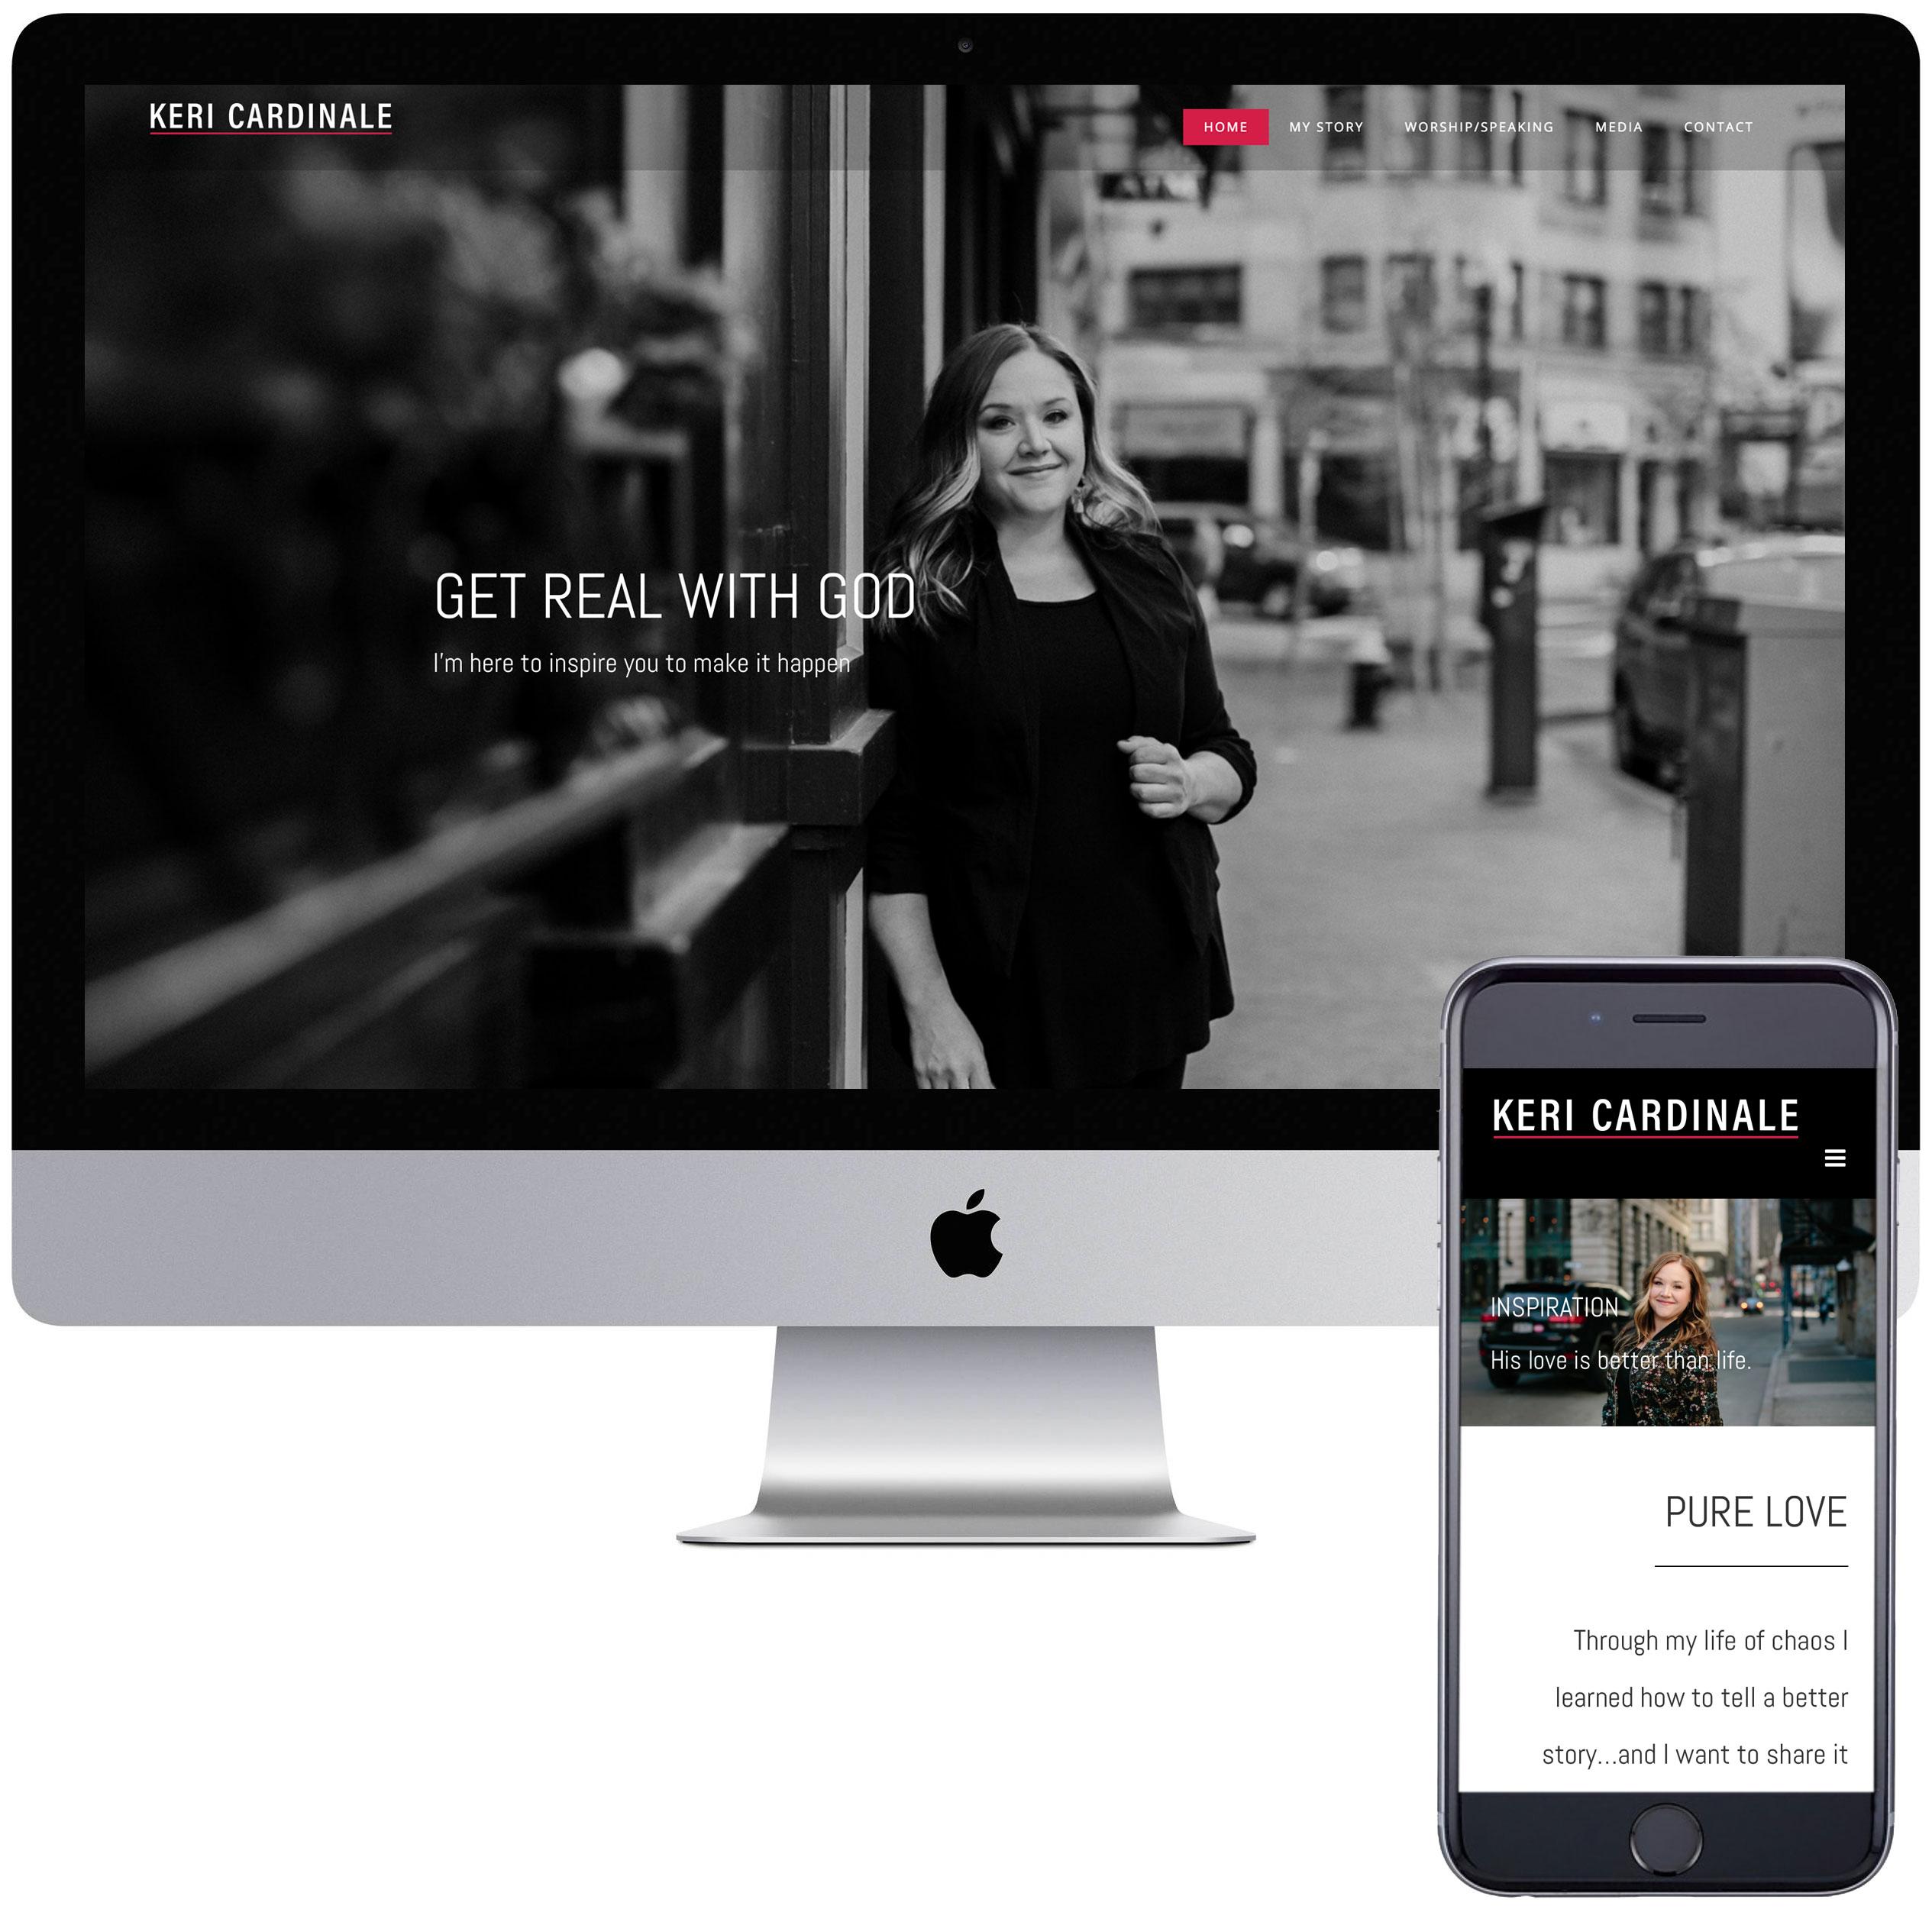 Keri Cardinale website.